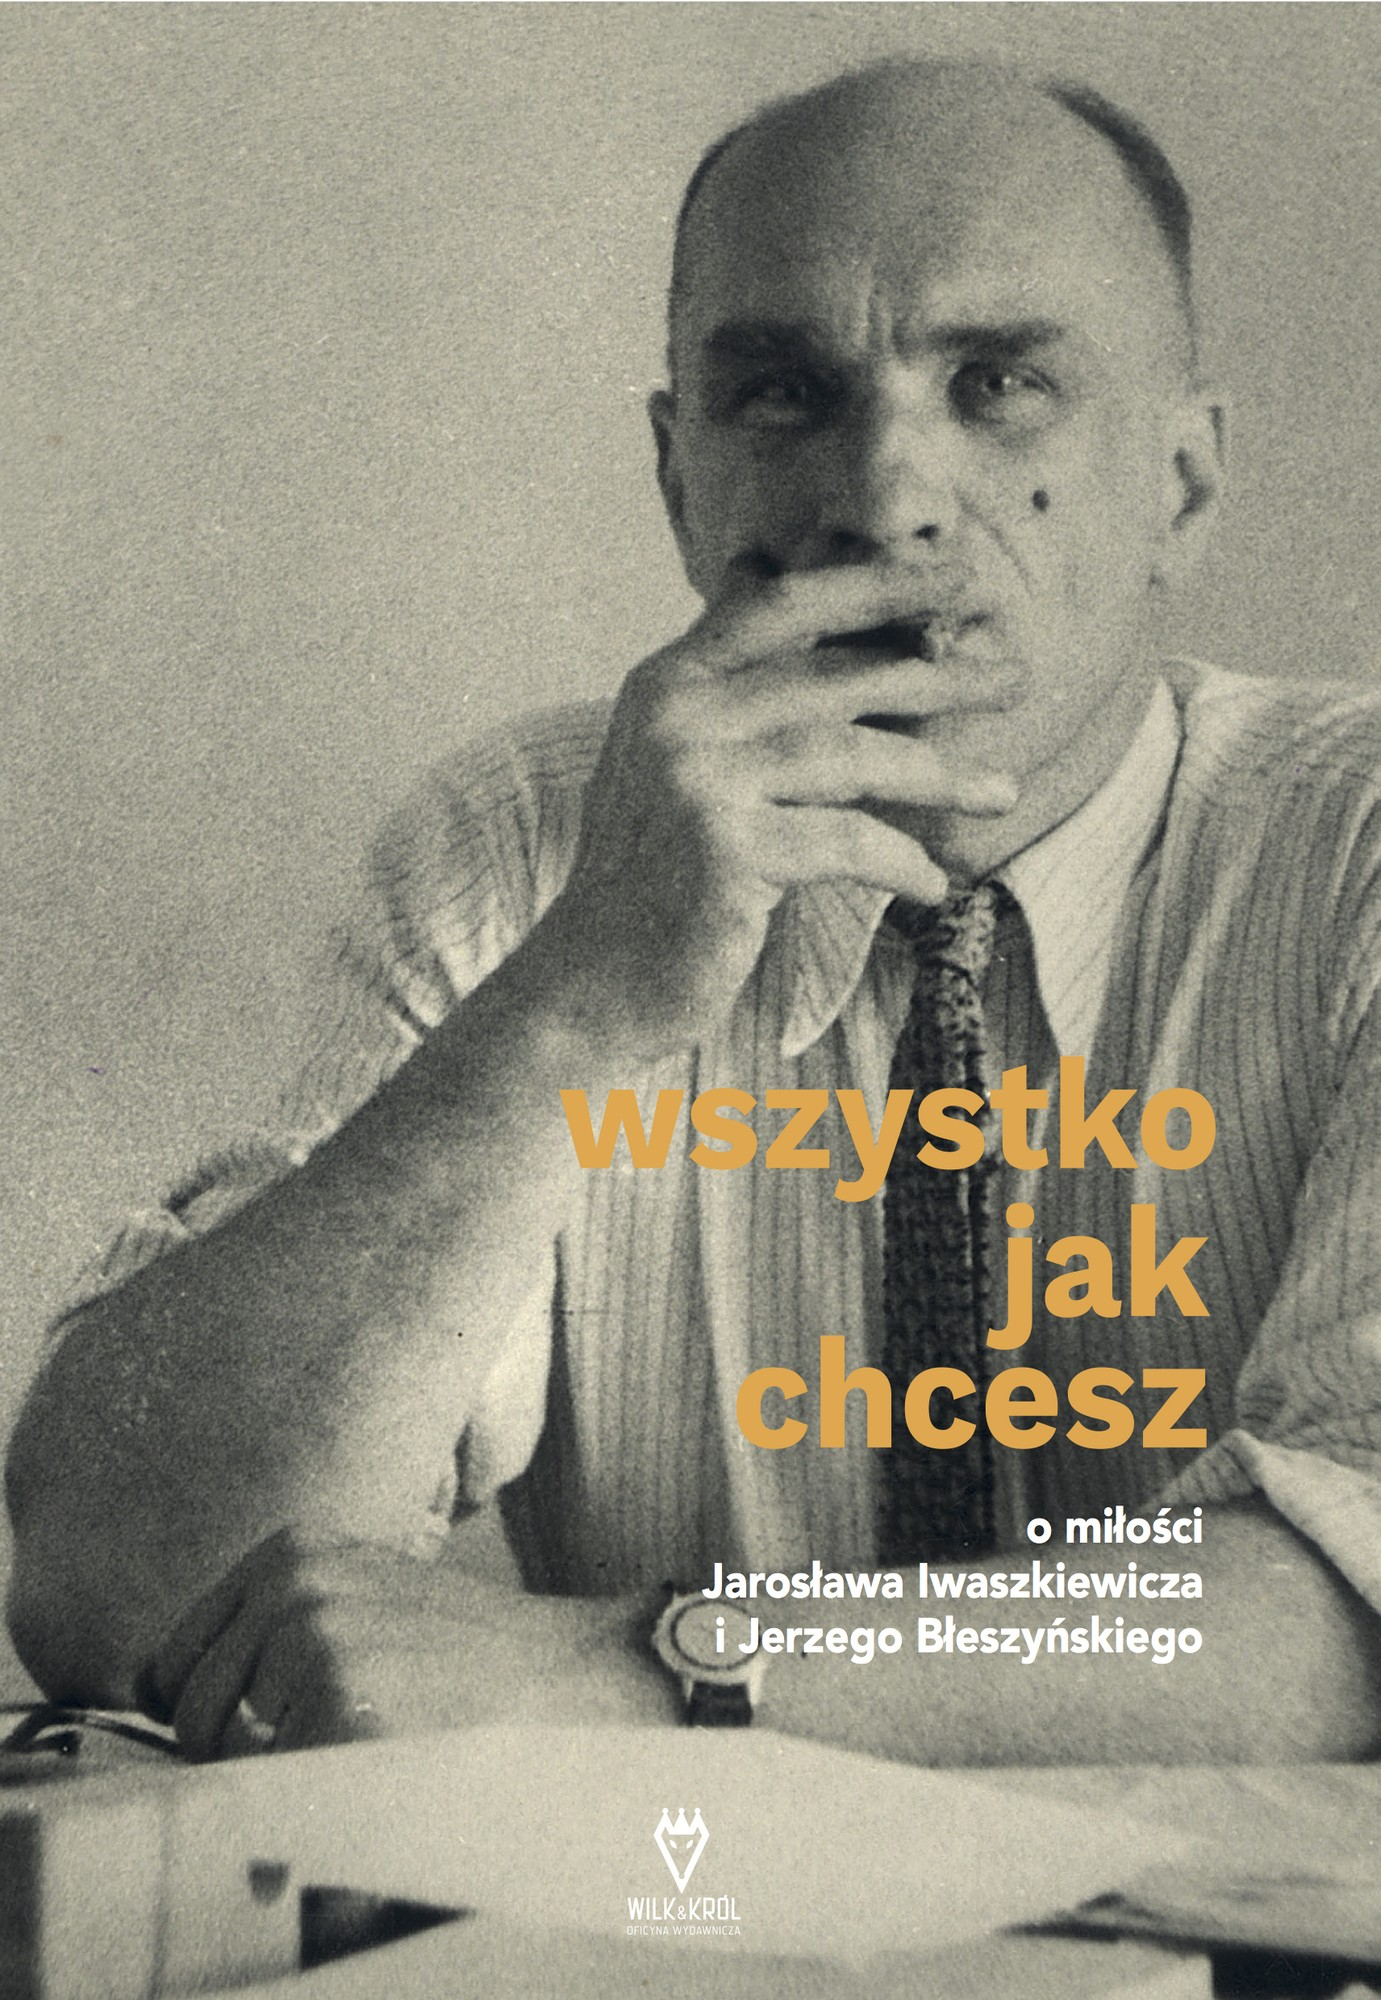 """""""Wszystko jak chcesz. O miłości Jarosława Iwaszkiewicza i Jerzego Błeszyńskiego"""" (źródło: materiały prasowe wydawcy)"""